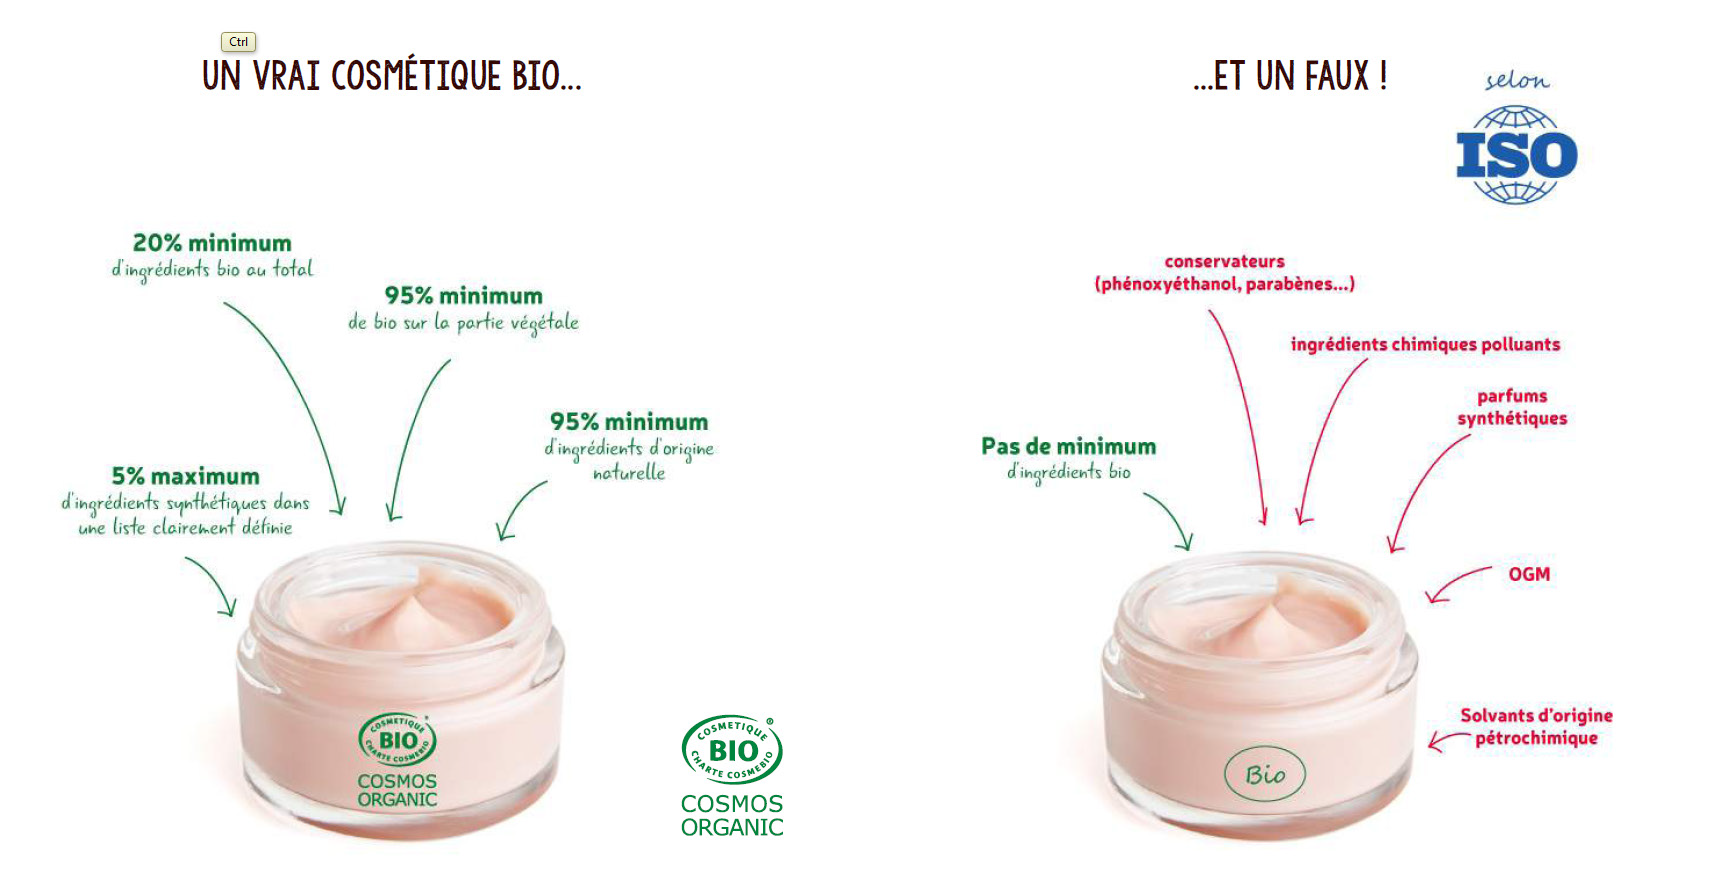 cosmetique bio 95